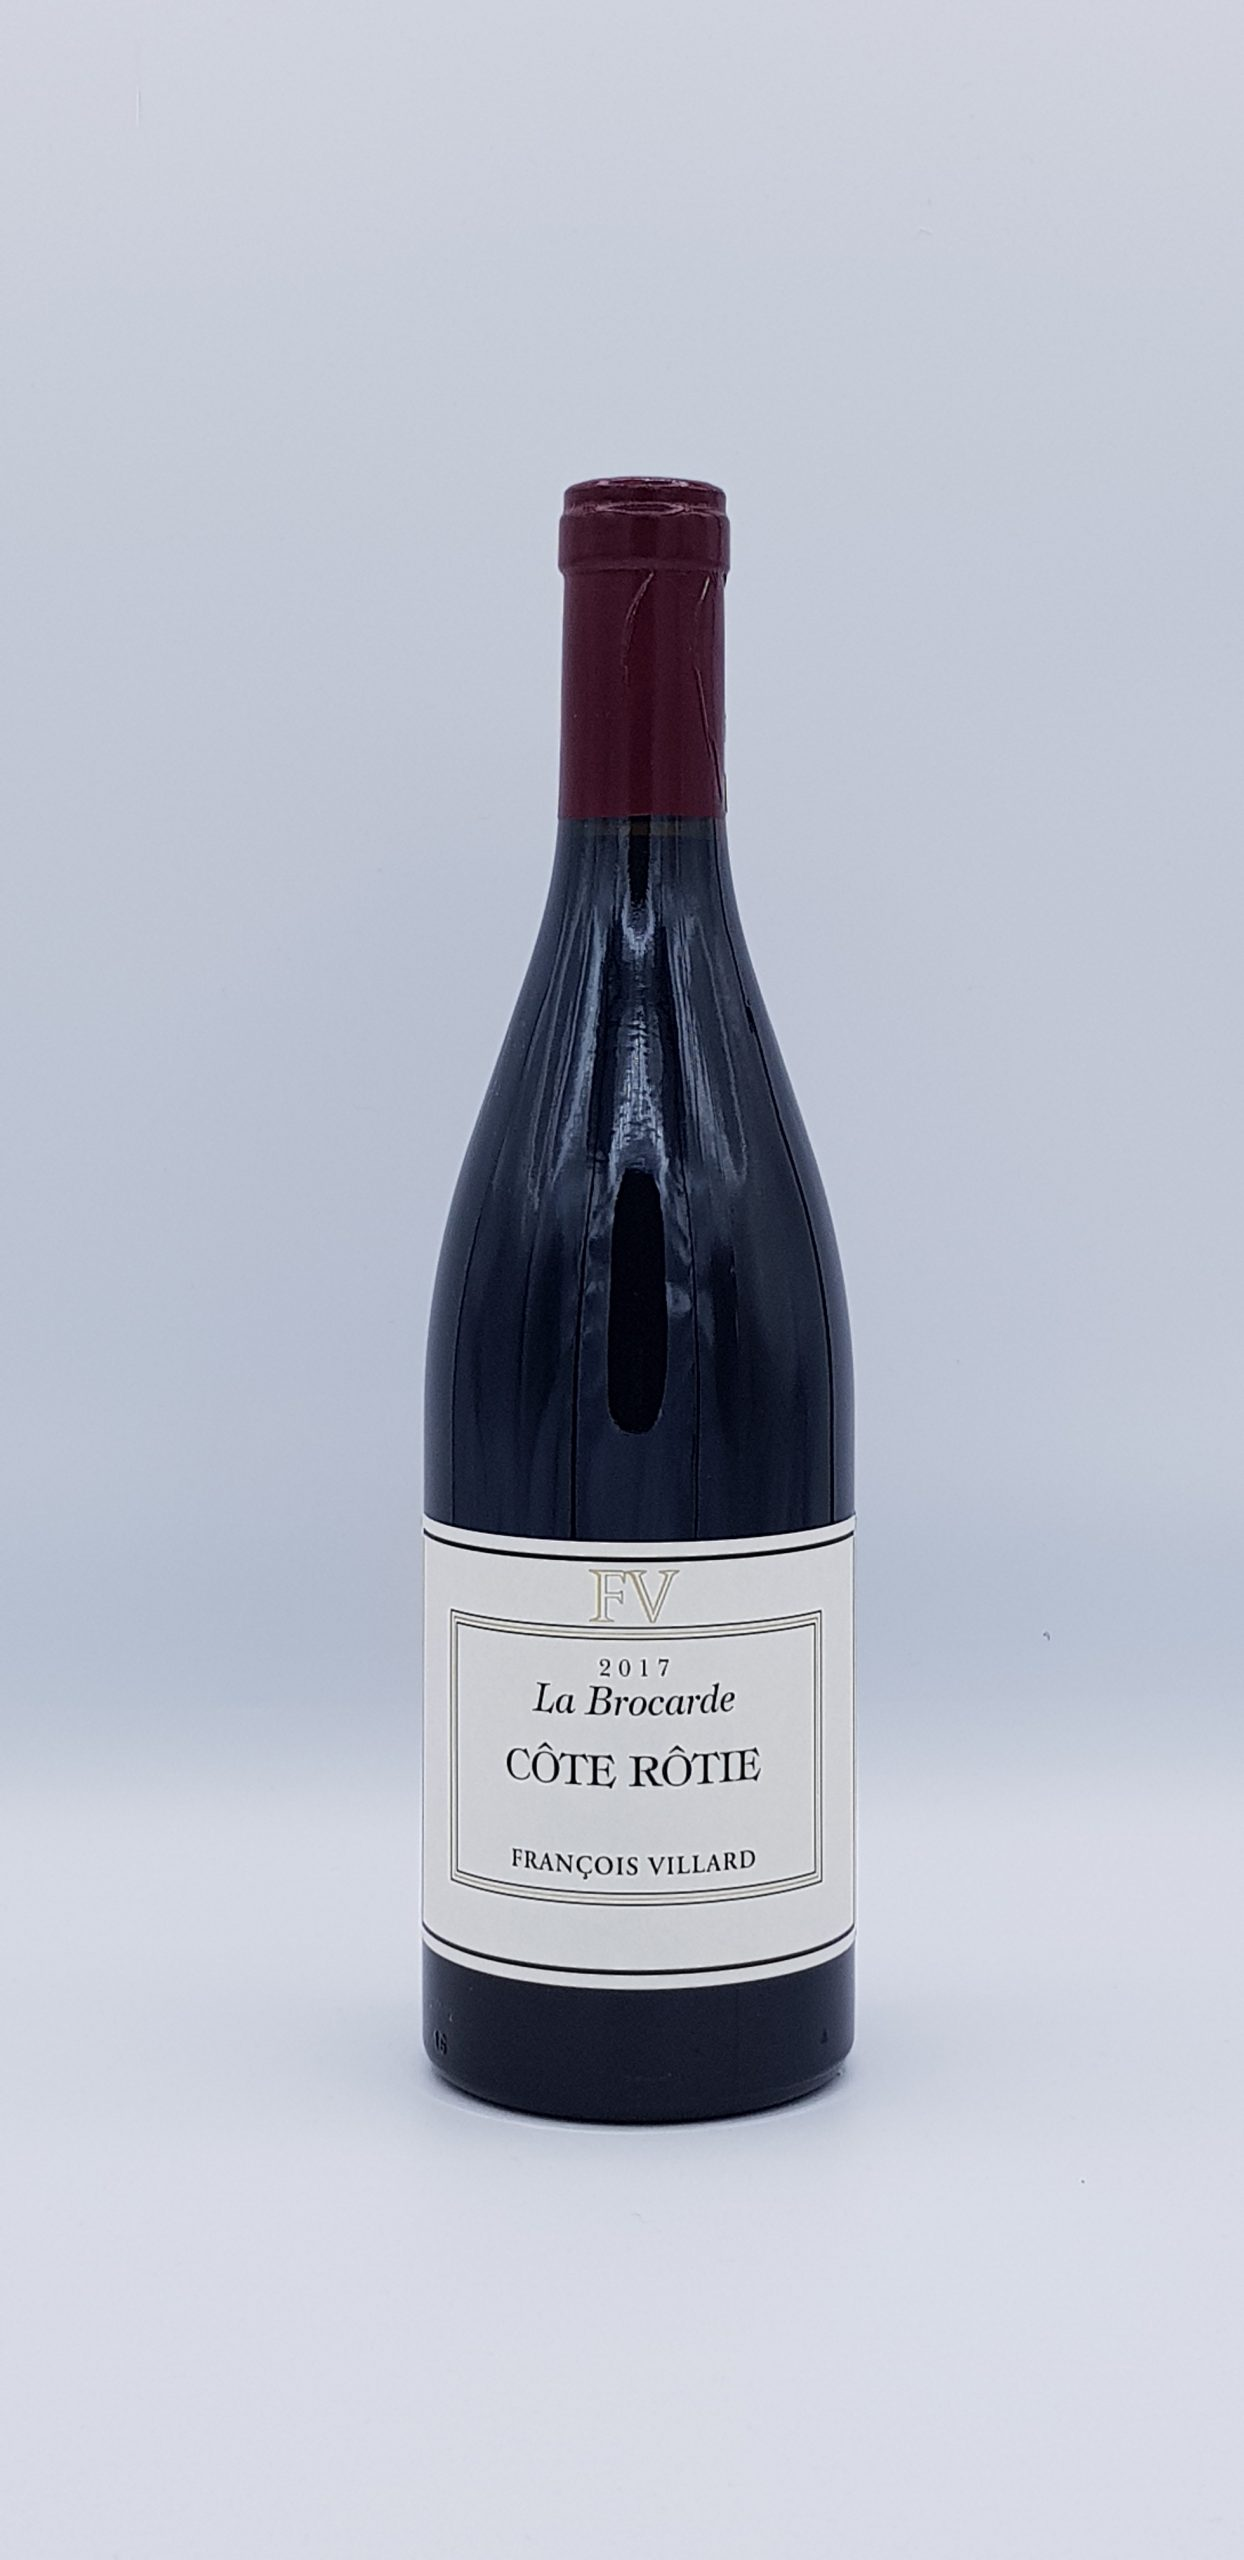 Rhone Cote Rotie 2017 Rouge La Brocarde